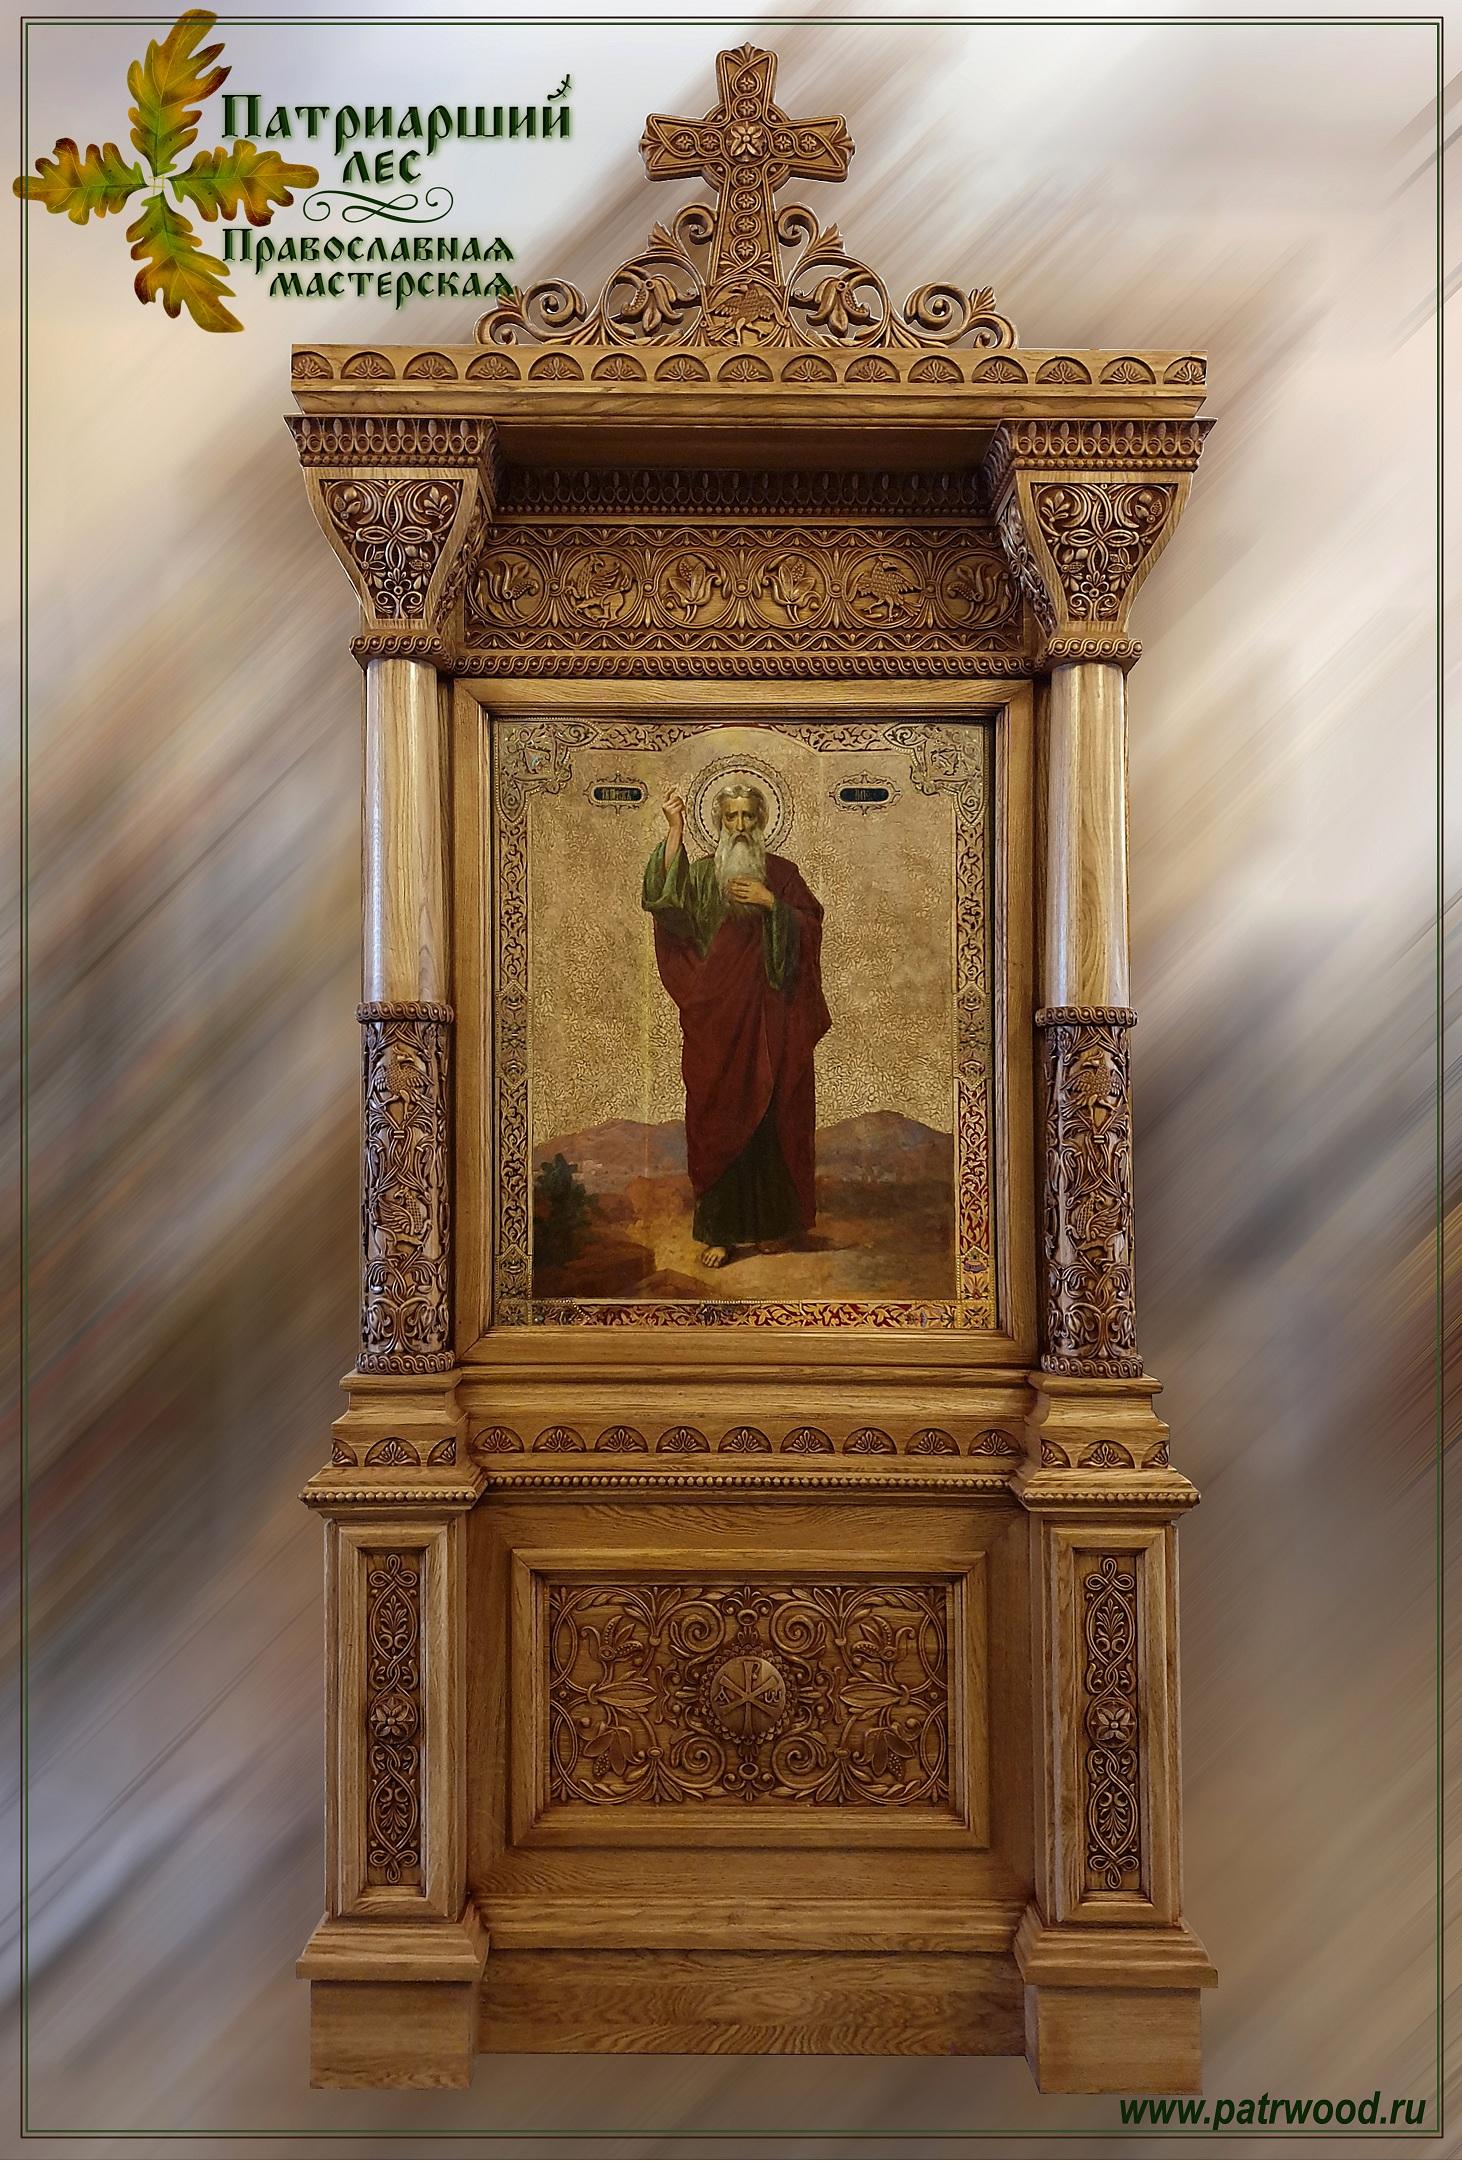 Киот напольный, киот резной, изделия из дуба, церковная утварь, православие, христианство, убранство для храма, икона, резьба, византийский стиль, древневизантийский орнамент, орнамент, растительный орнамент, 3d